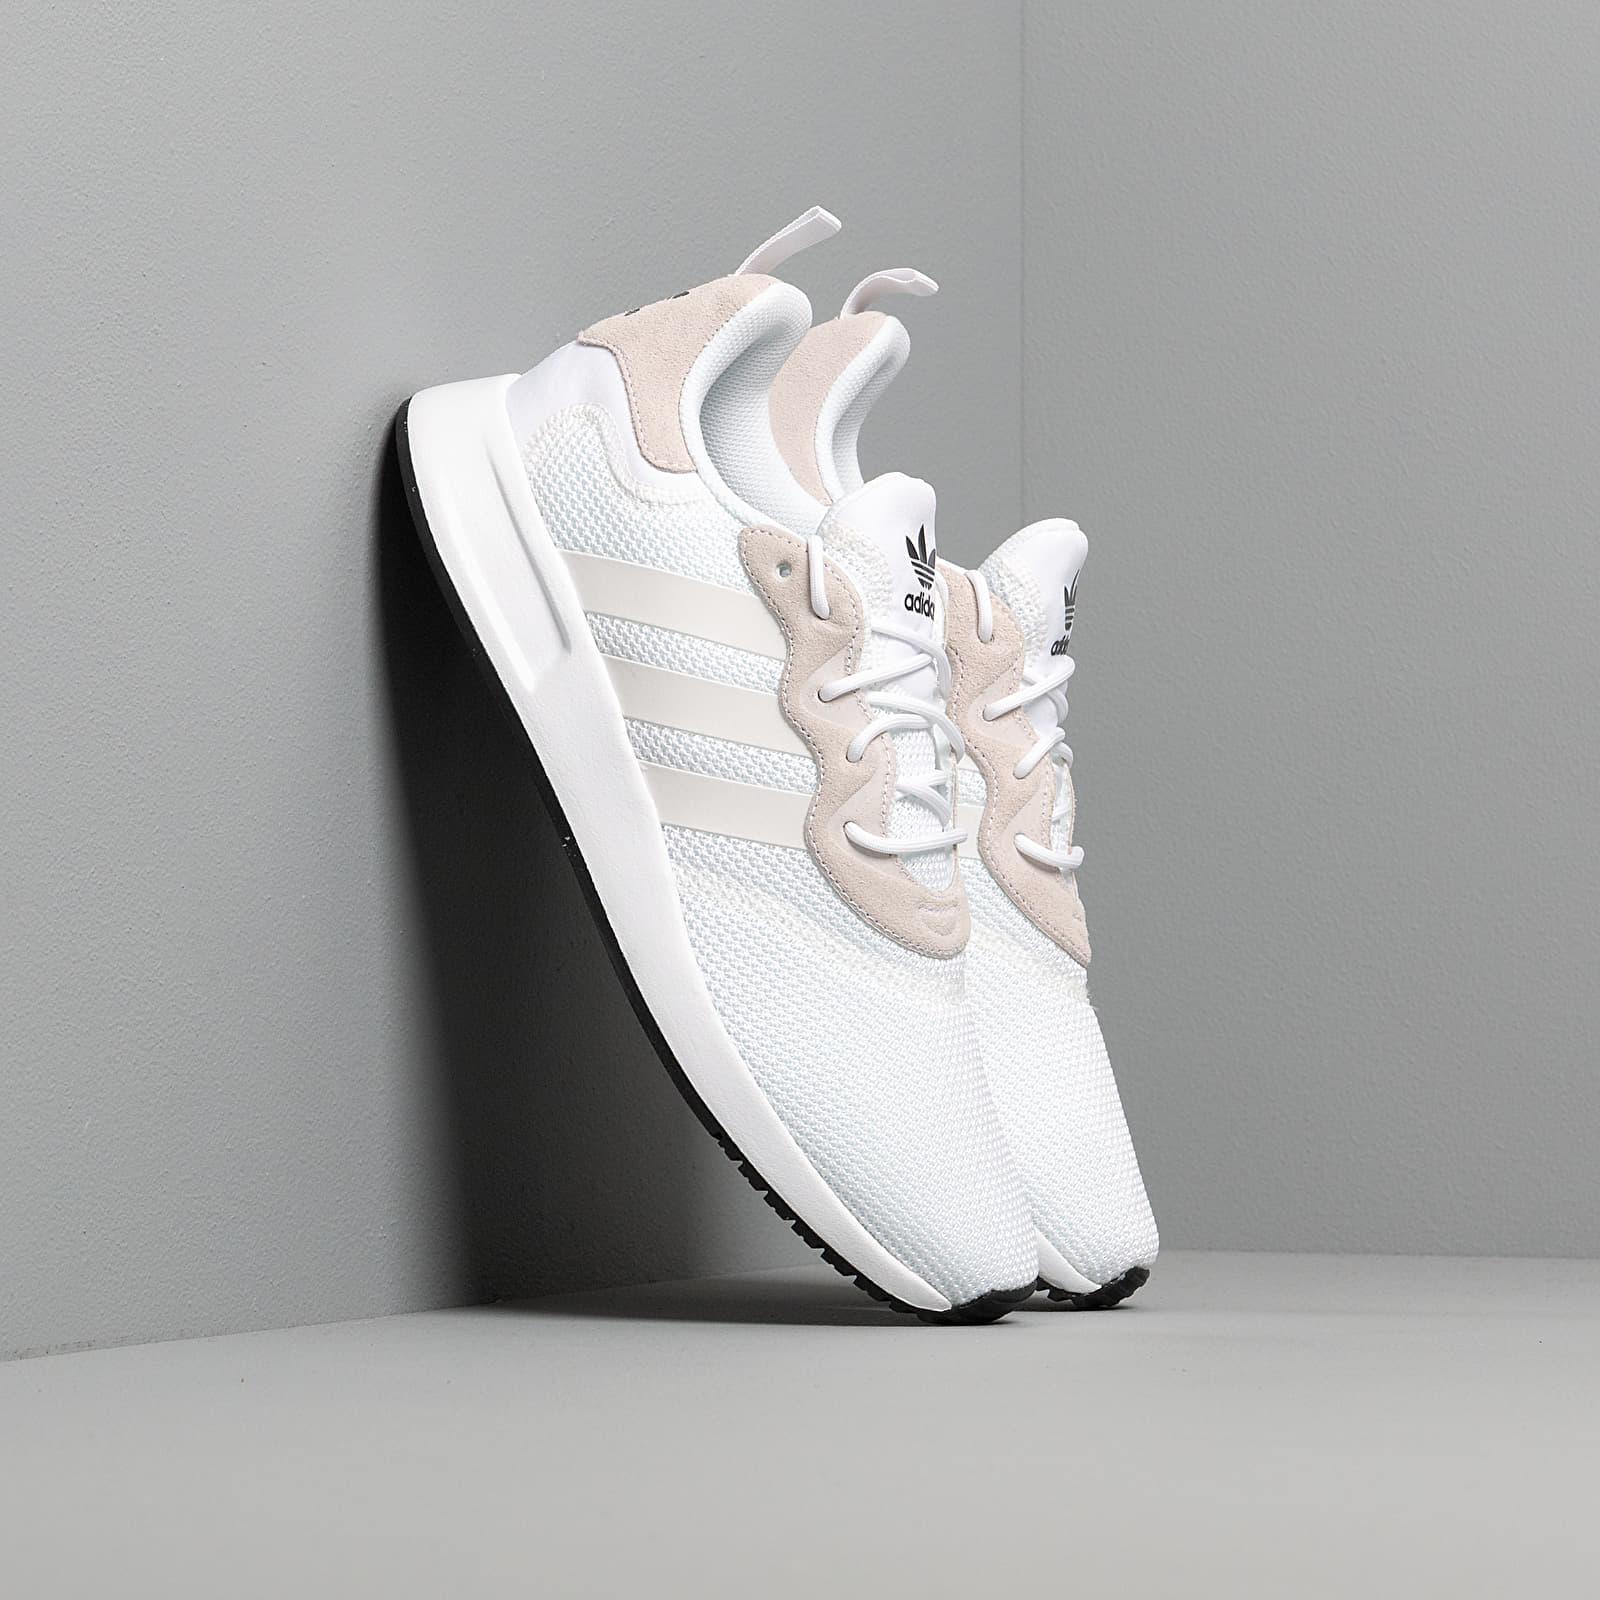 Scarpe e sneaker da uomo adidas X_PLR S Ftw White/ Ftw White/ Core Black